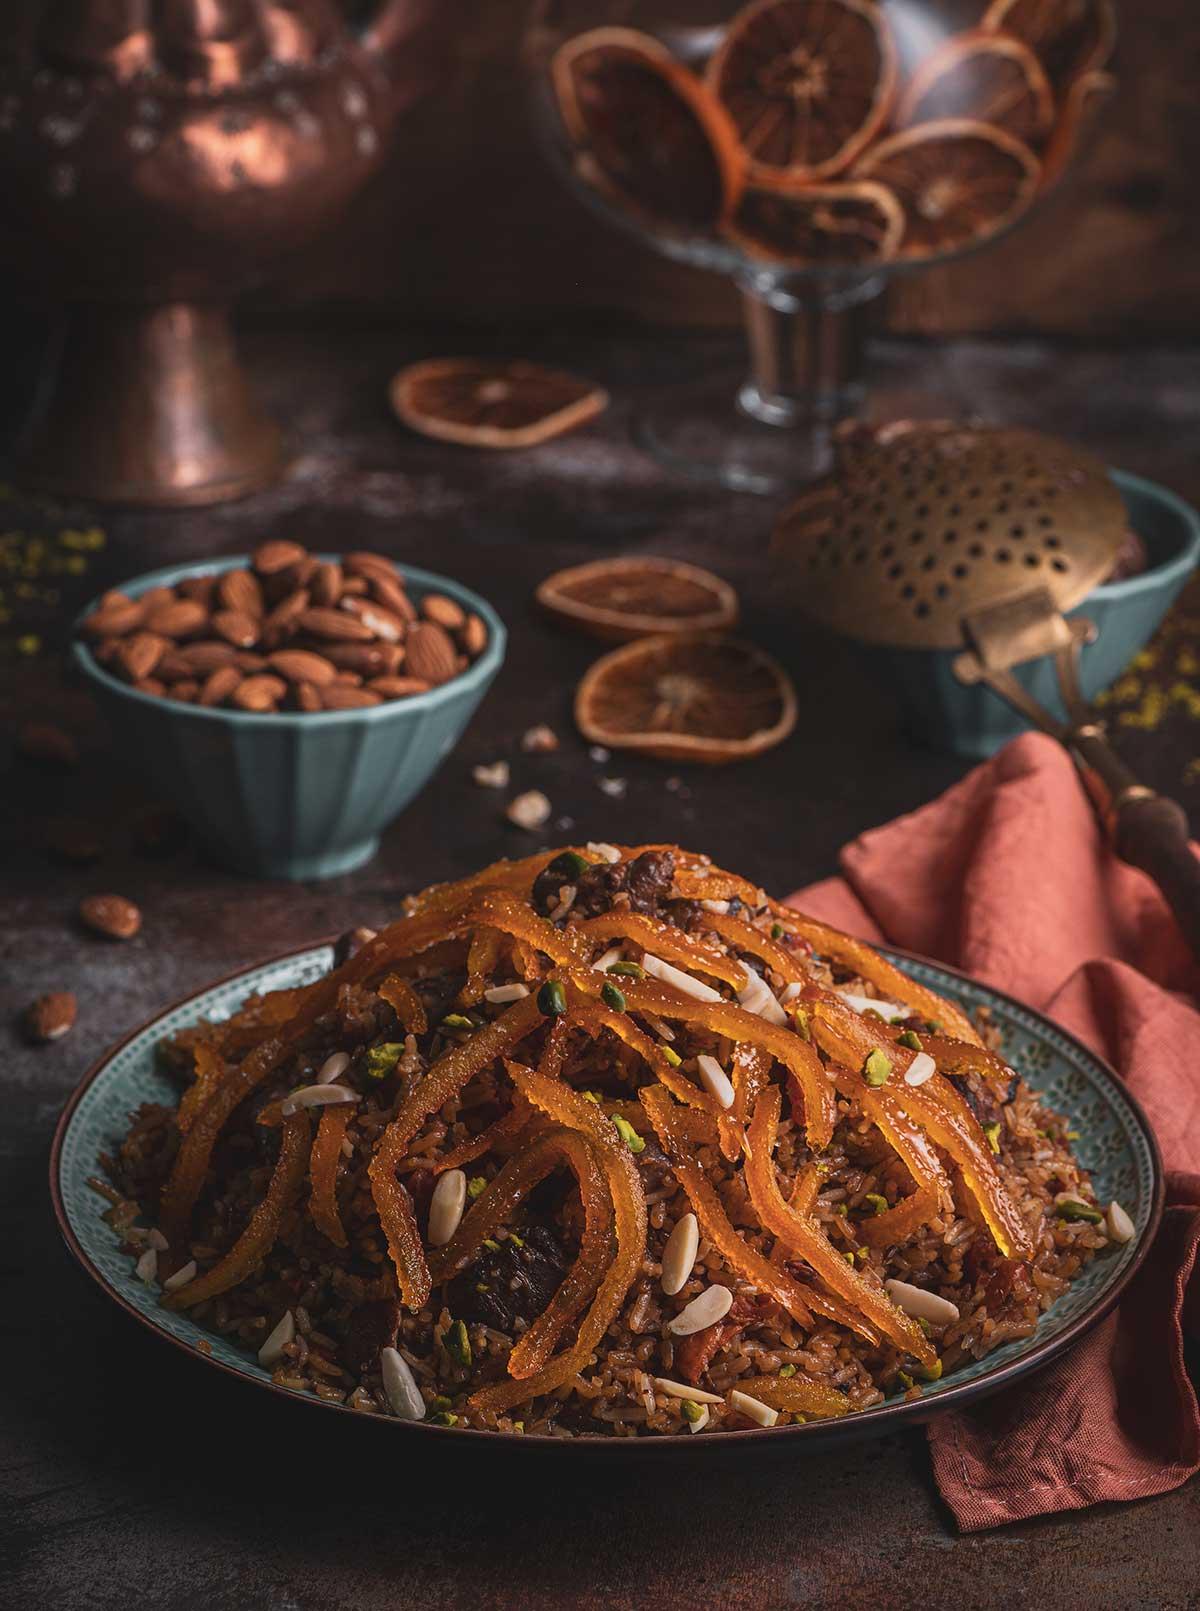 Foto eines Tellers mit Lammfleisch auf Reis, garniert mit Orangenschalen.